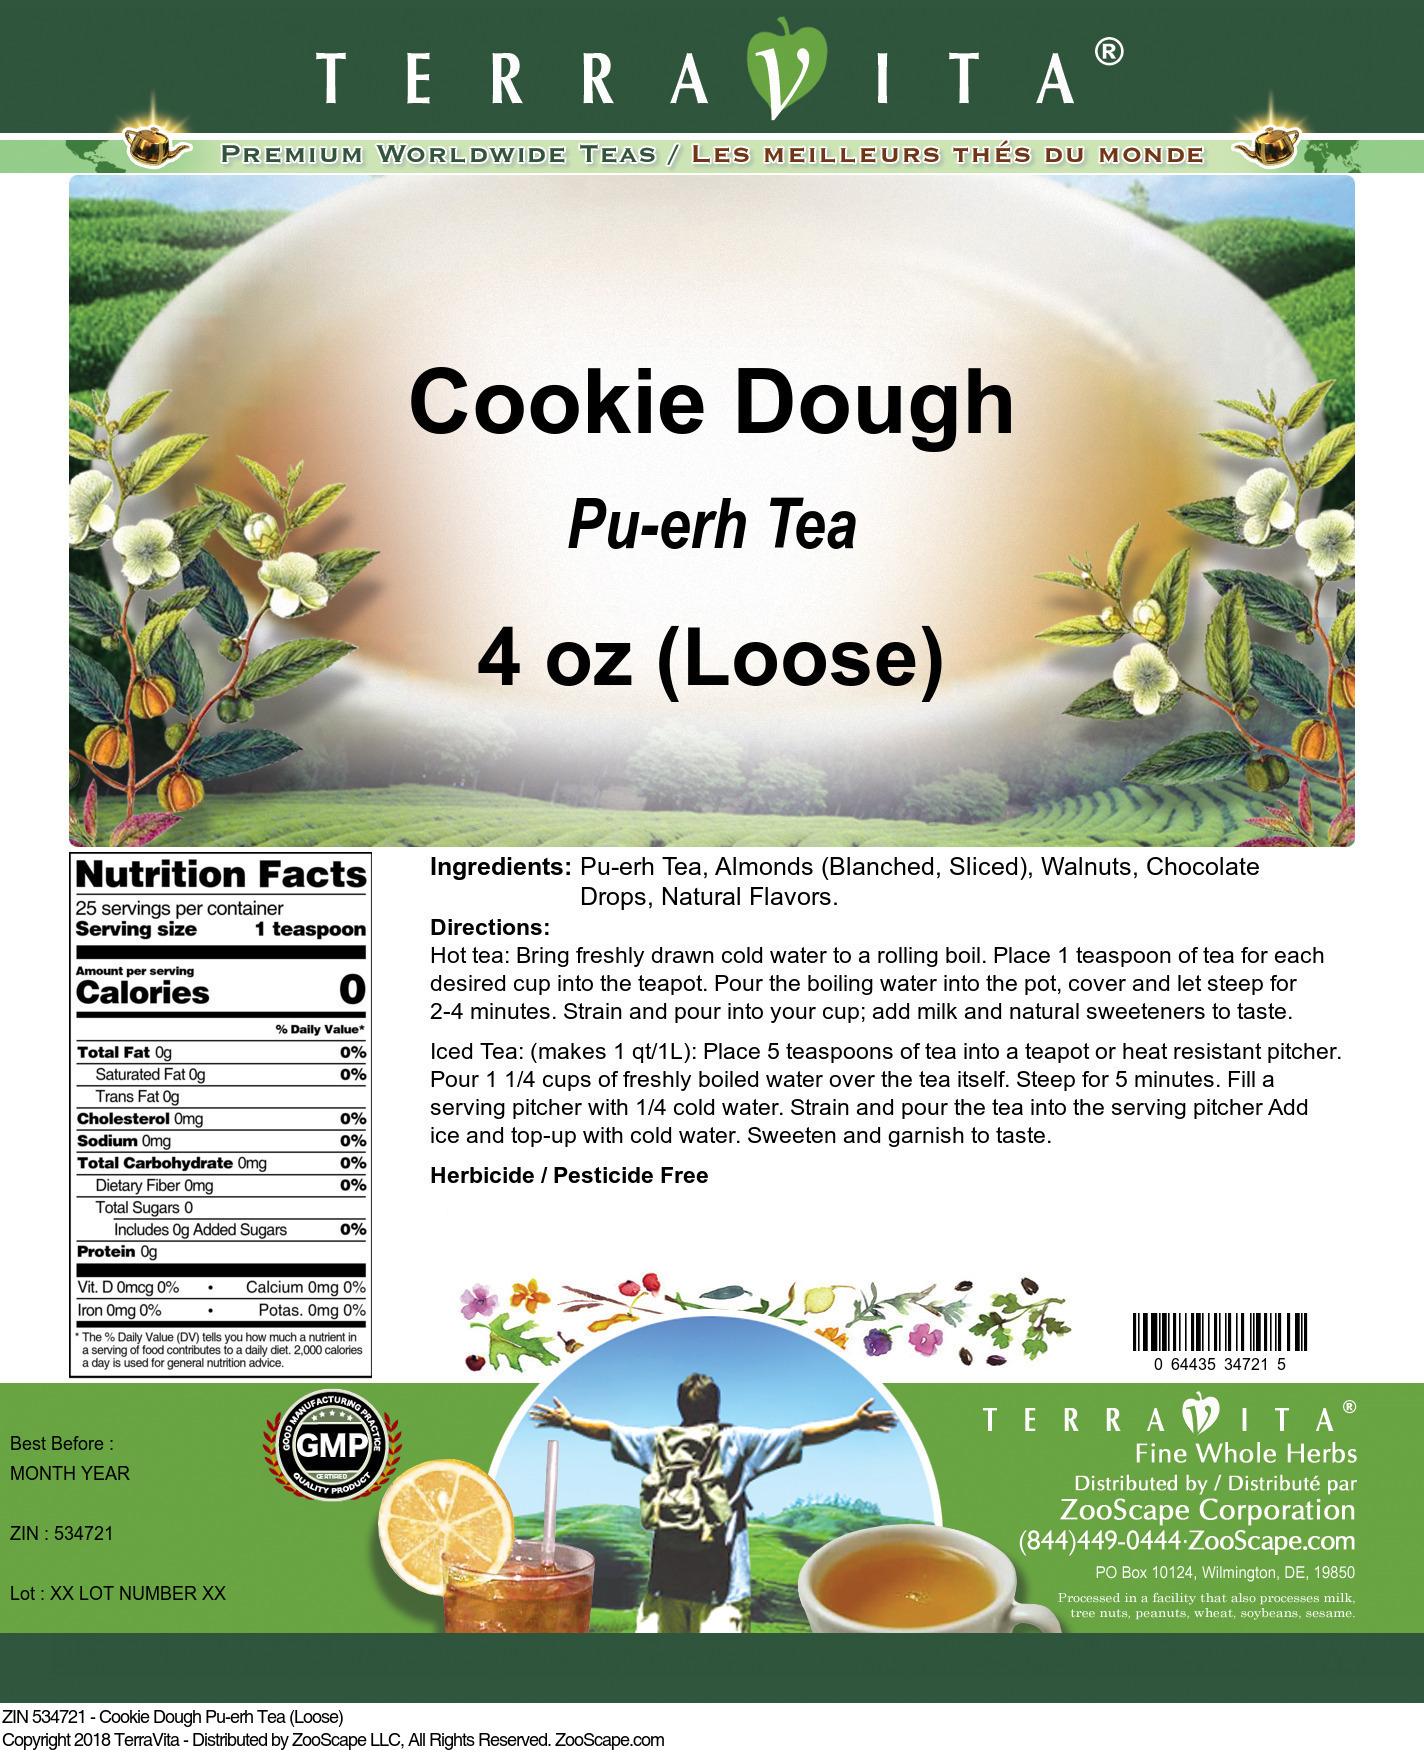 Cookie Dough Pu-erh Tea